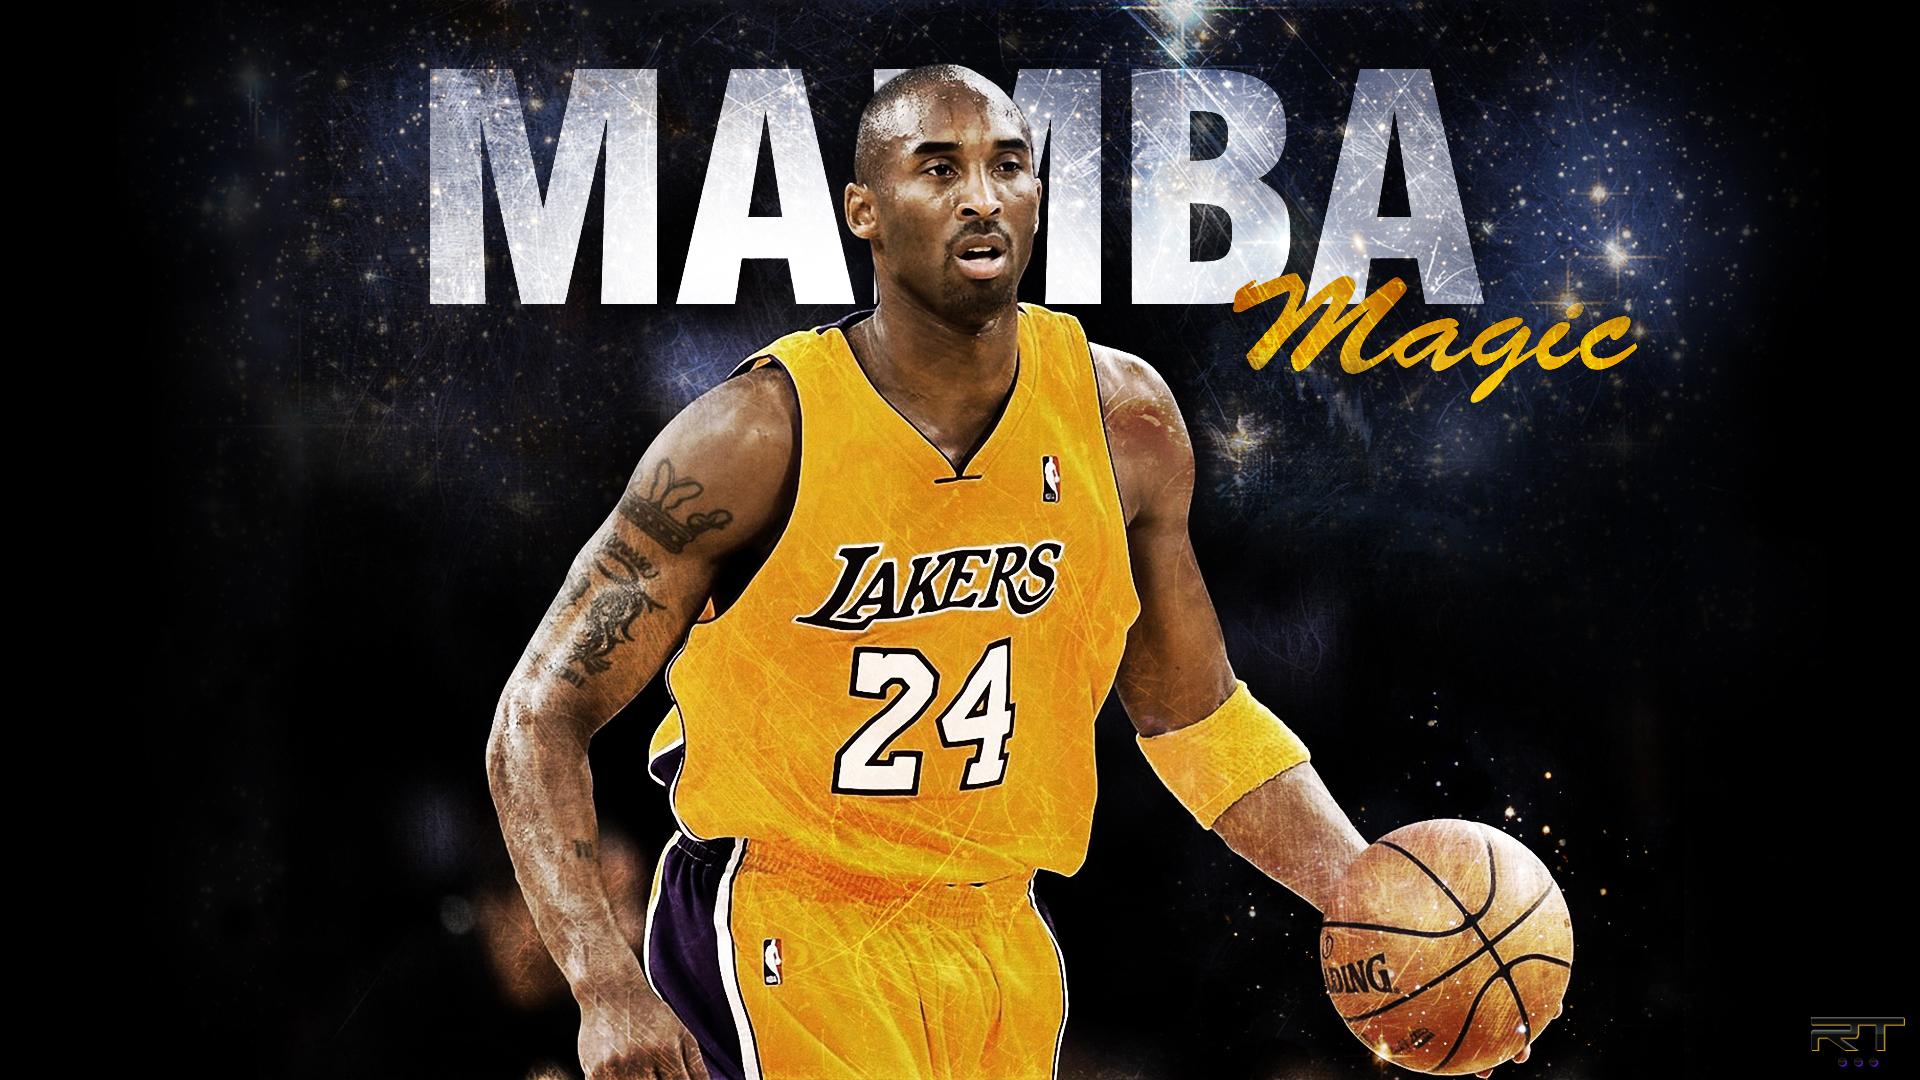 Mamba Magic Kobe Bryant Wallpaper